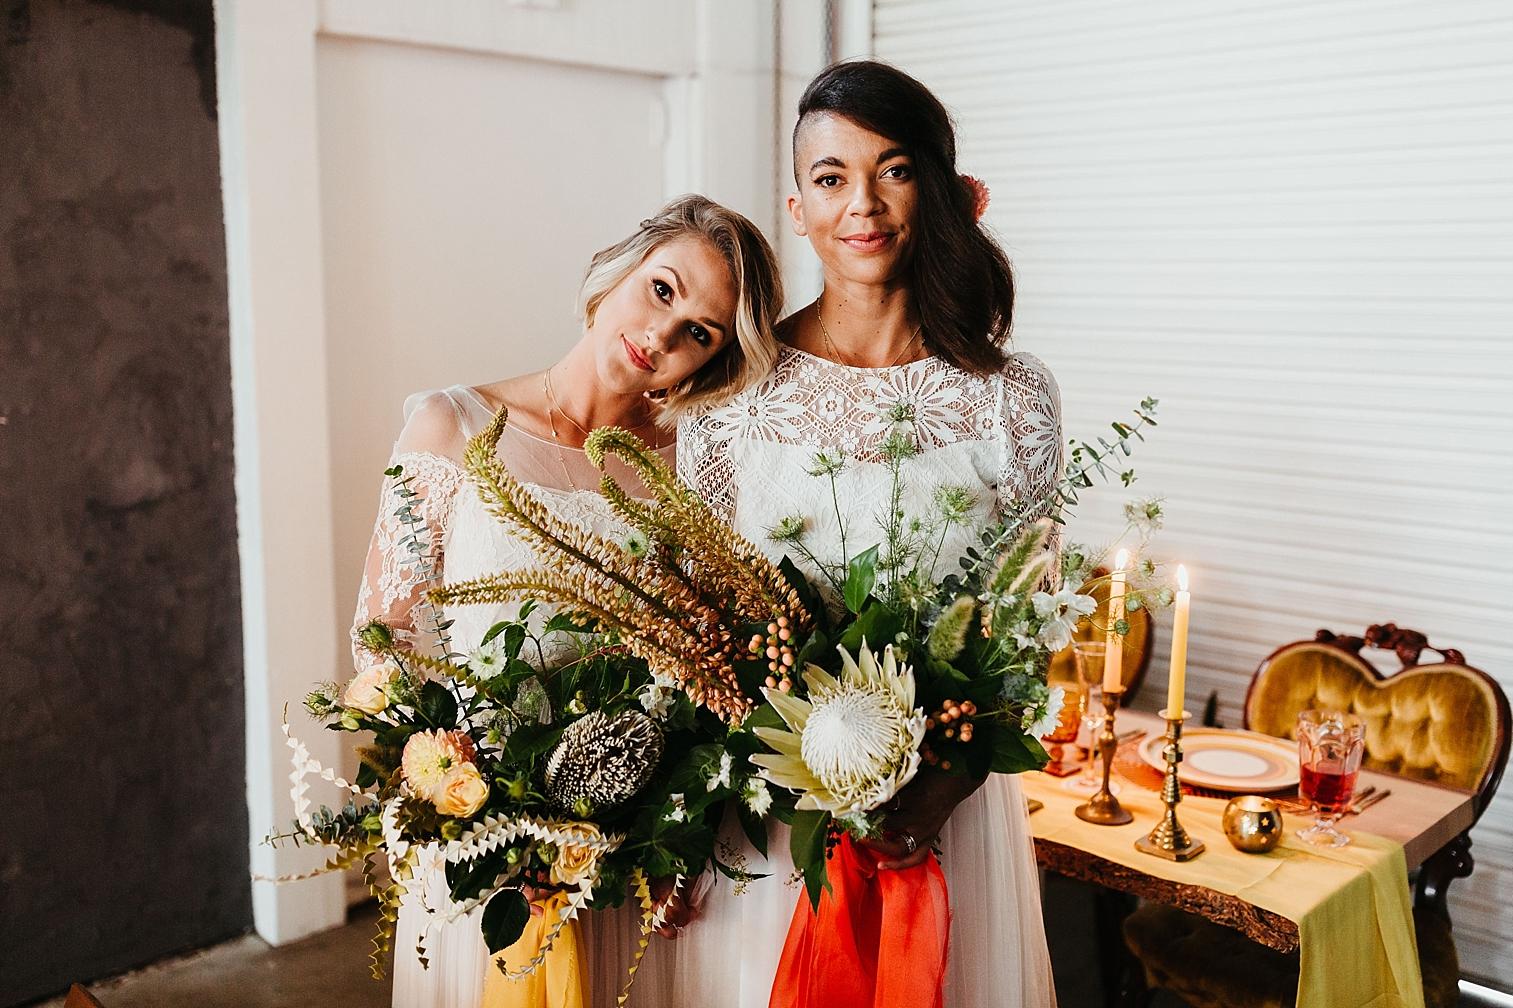 Fruitcraft-Hillcrest-San-Diego-Wedding-44.jpg